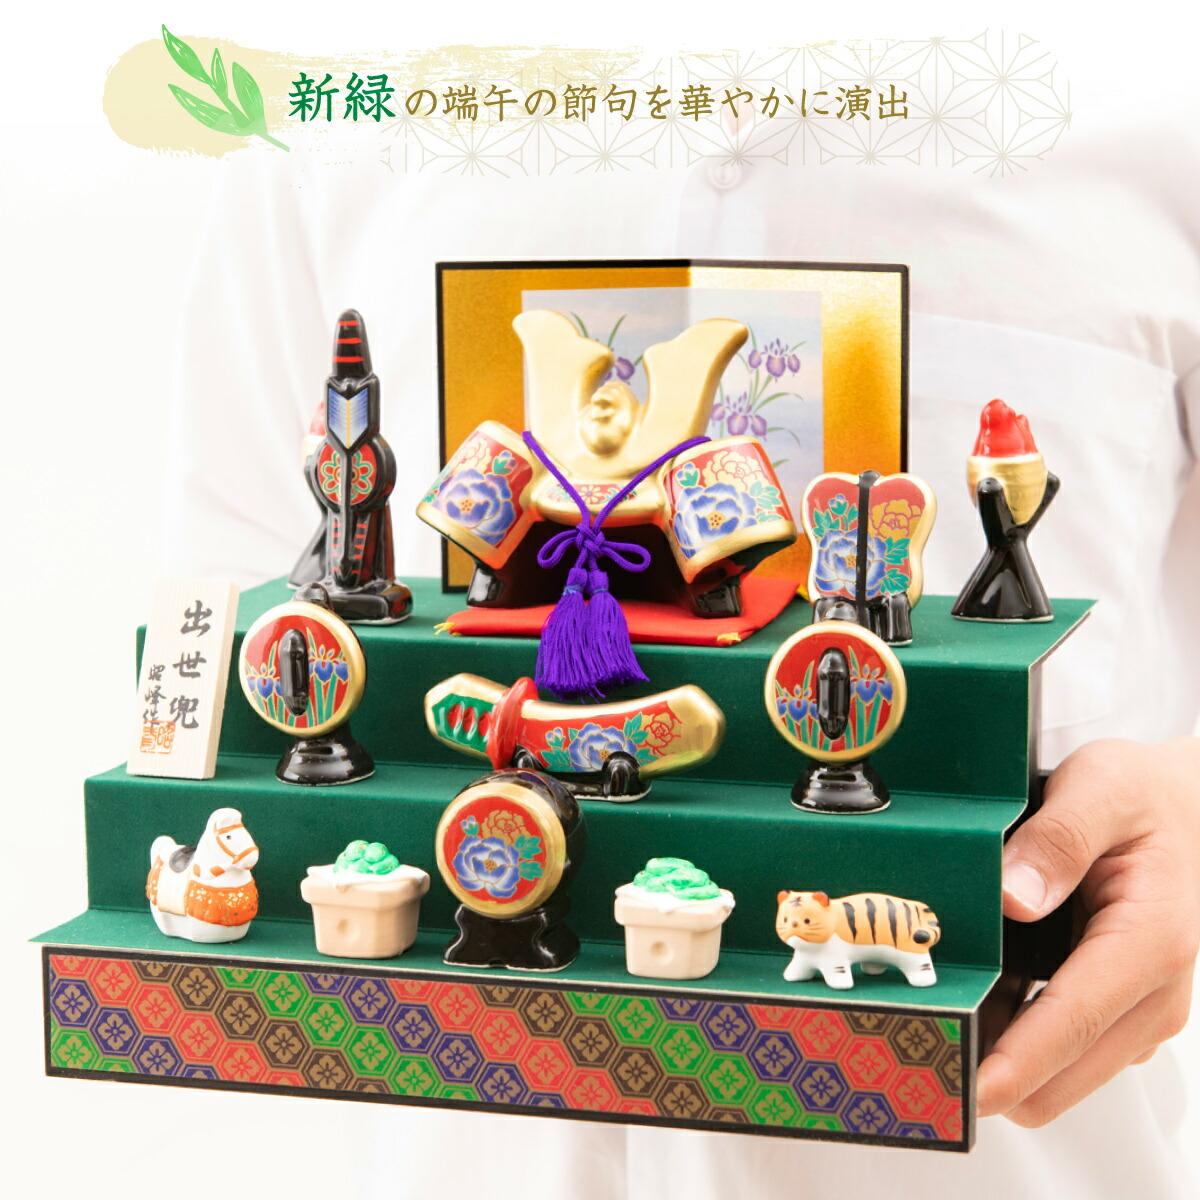 五月人形 陶器 節句 瀬戸焼 陶磁器